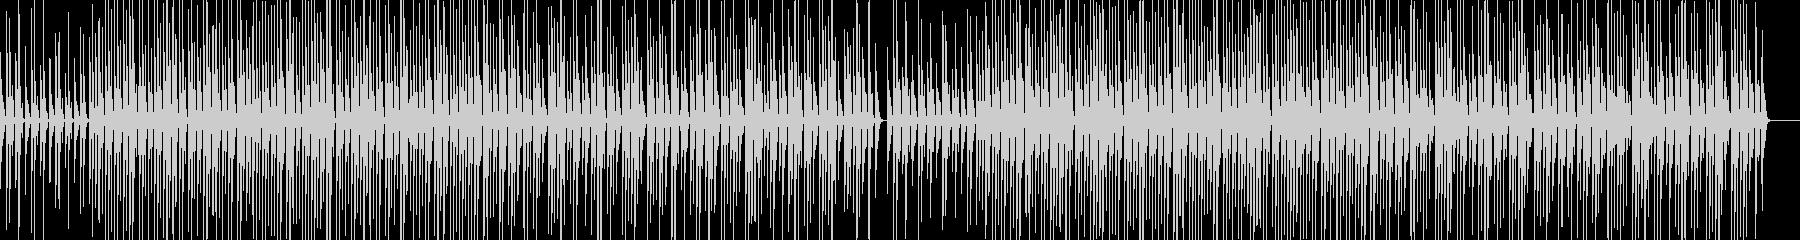 日常・ほのぼのマリンバメイン bの未再生の波形